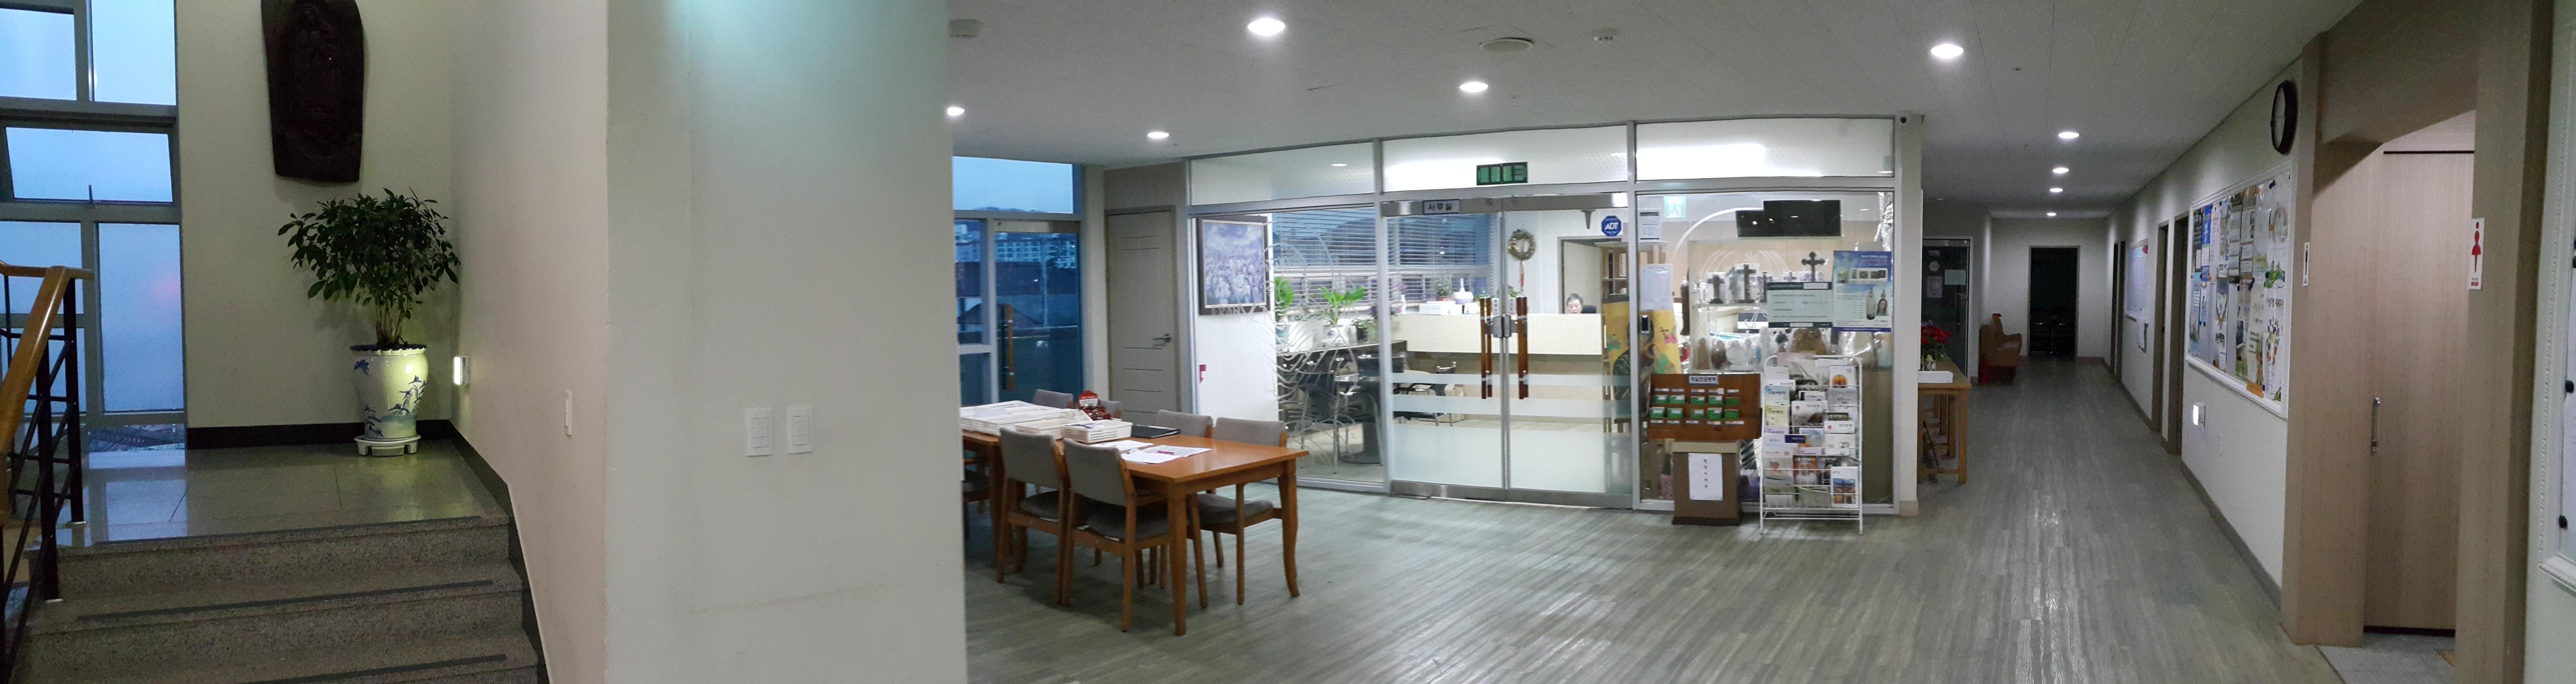 2층 사무실.jpg